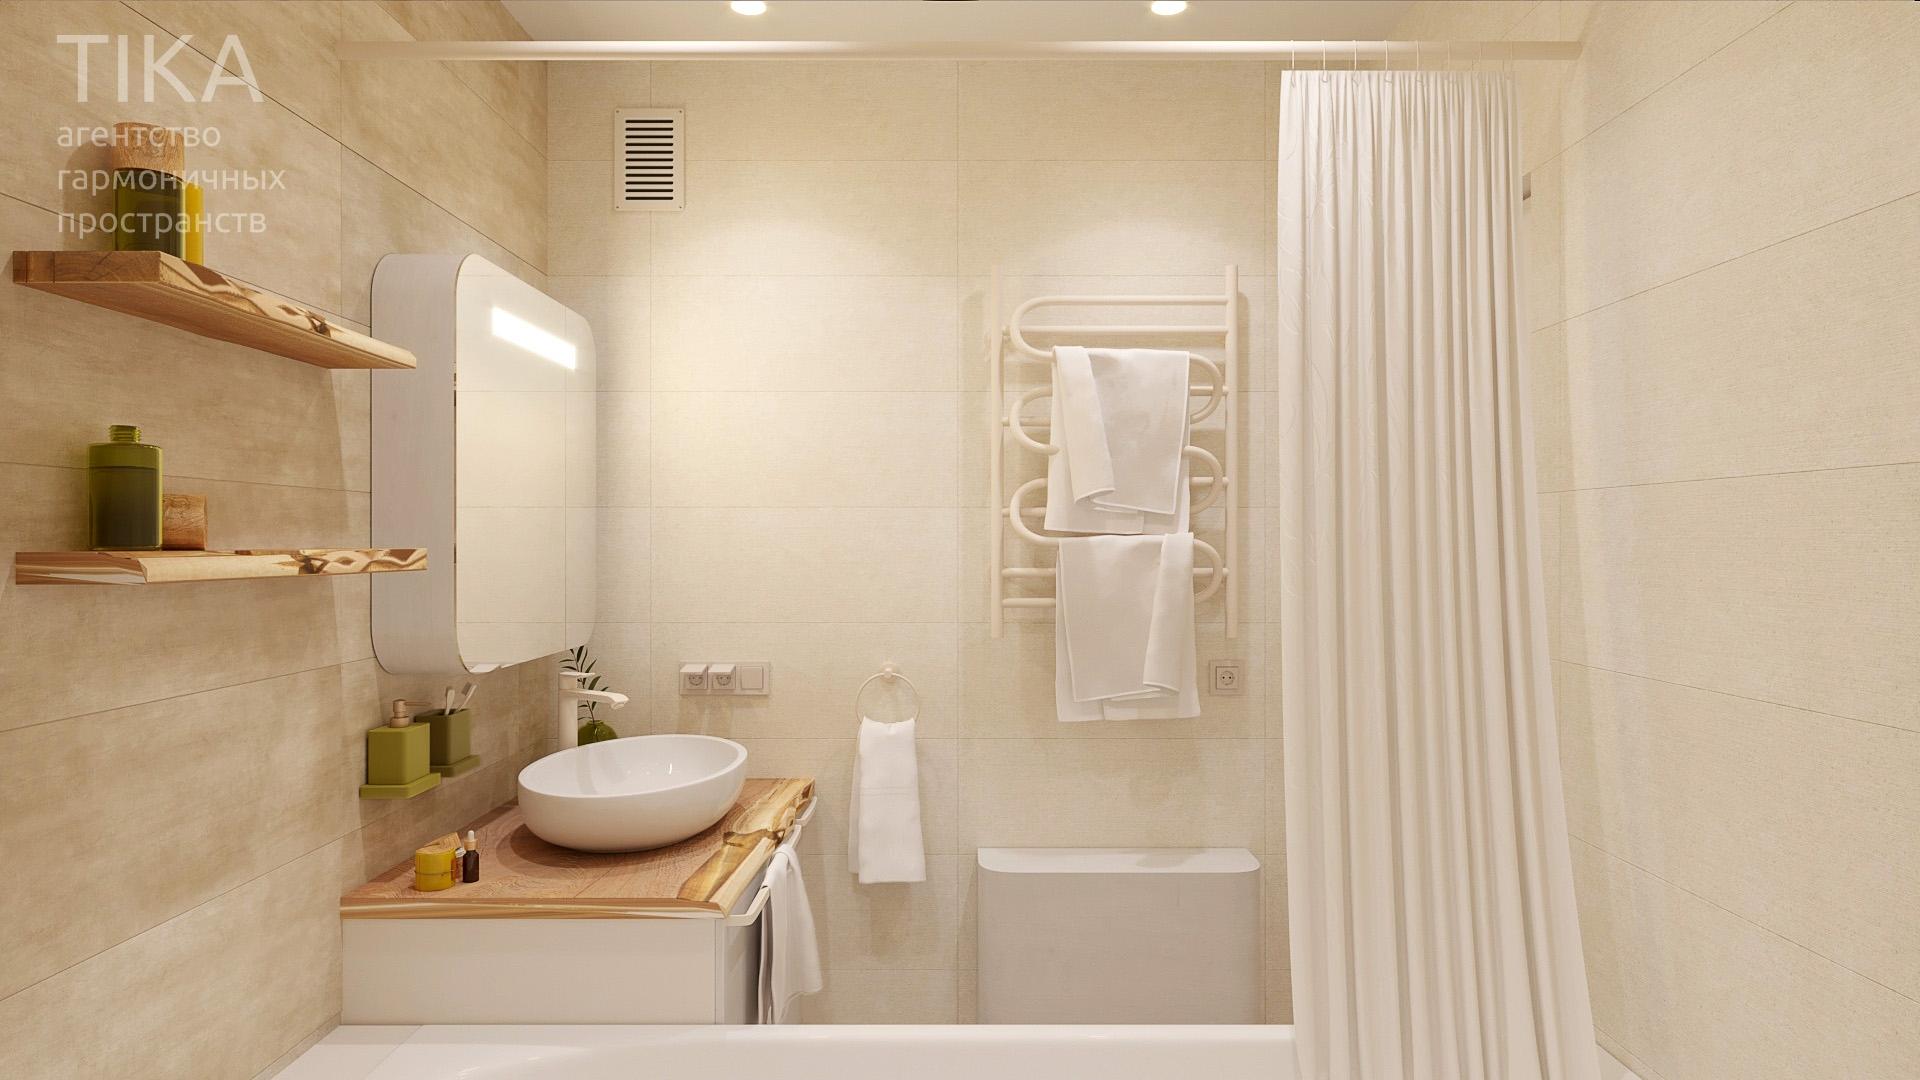 Изображение для проекта Дизайн интерьера квартиры в Москве 2137